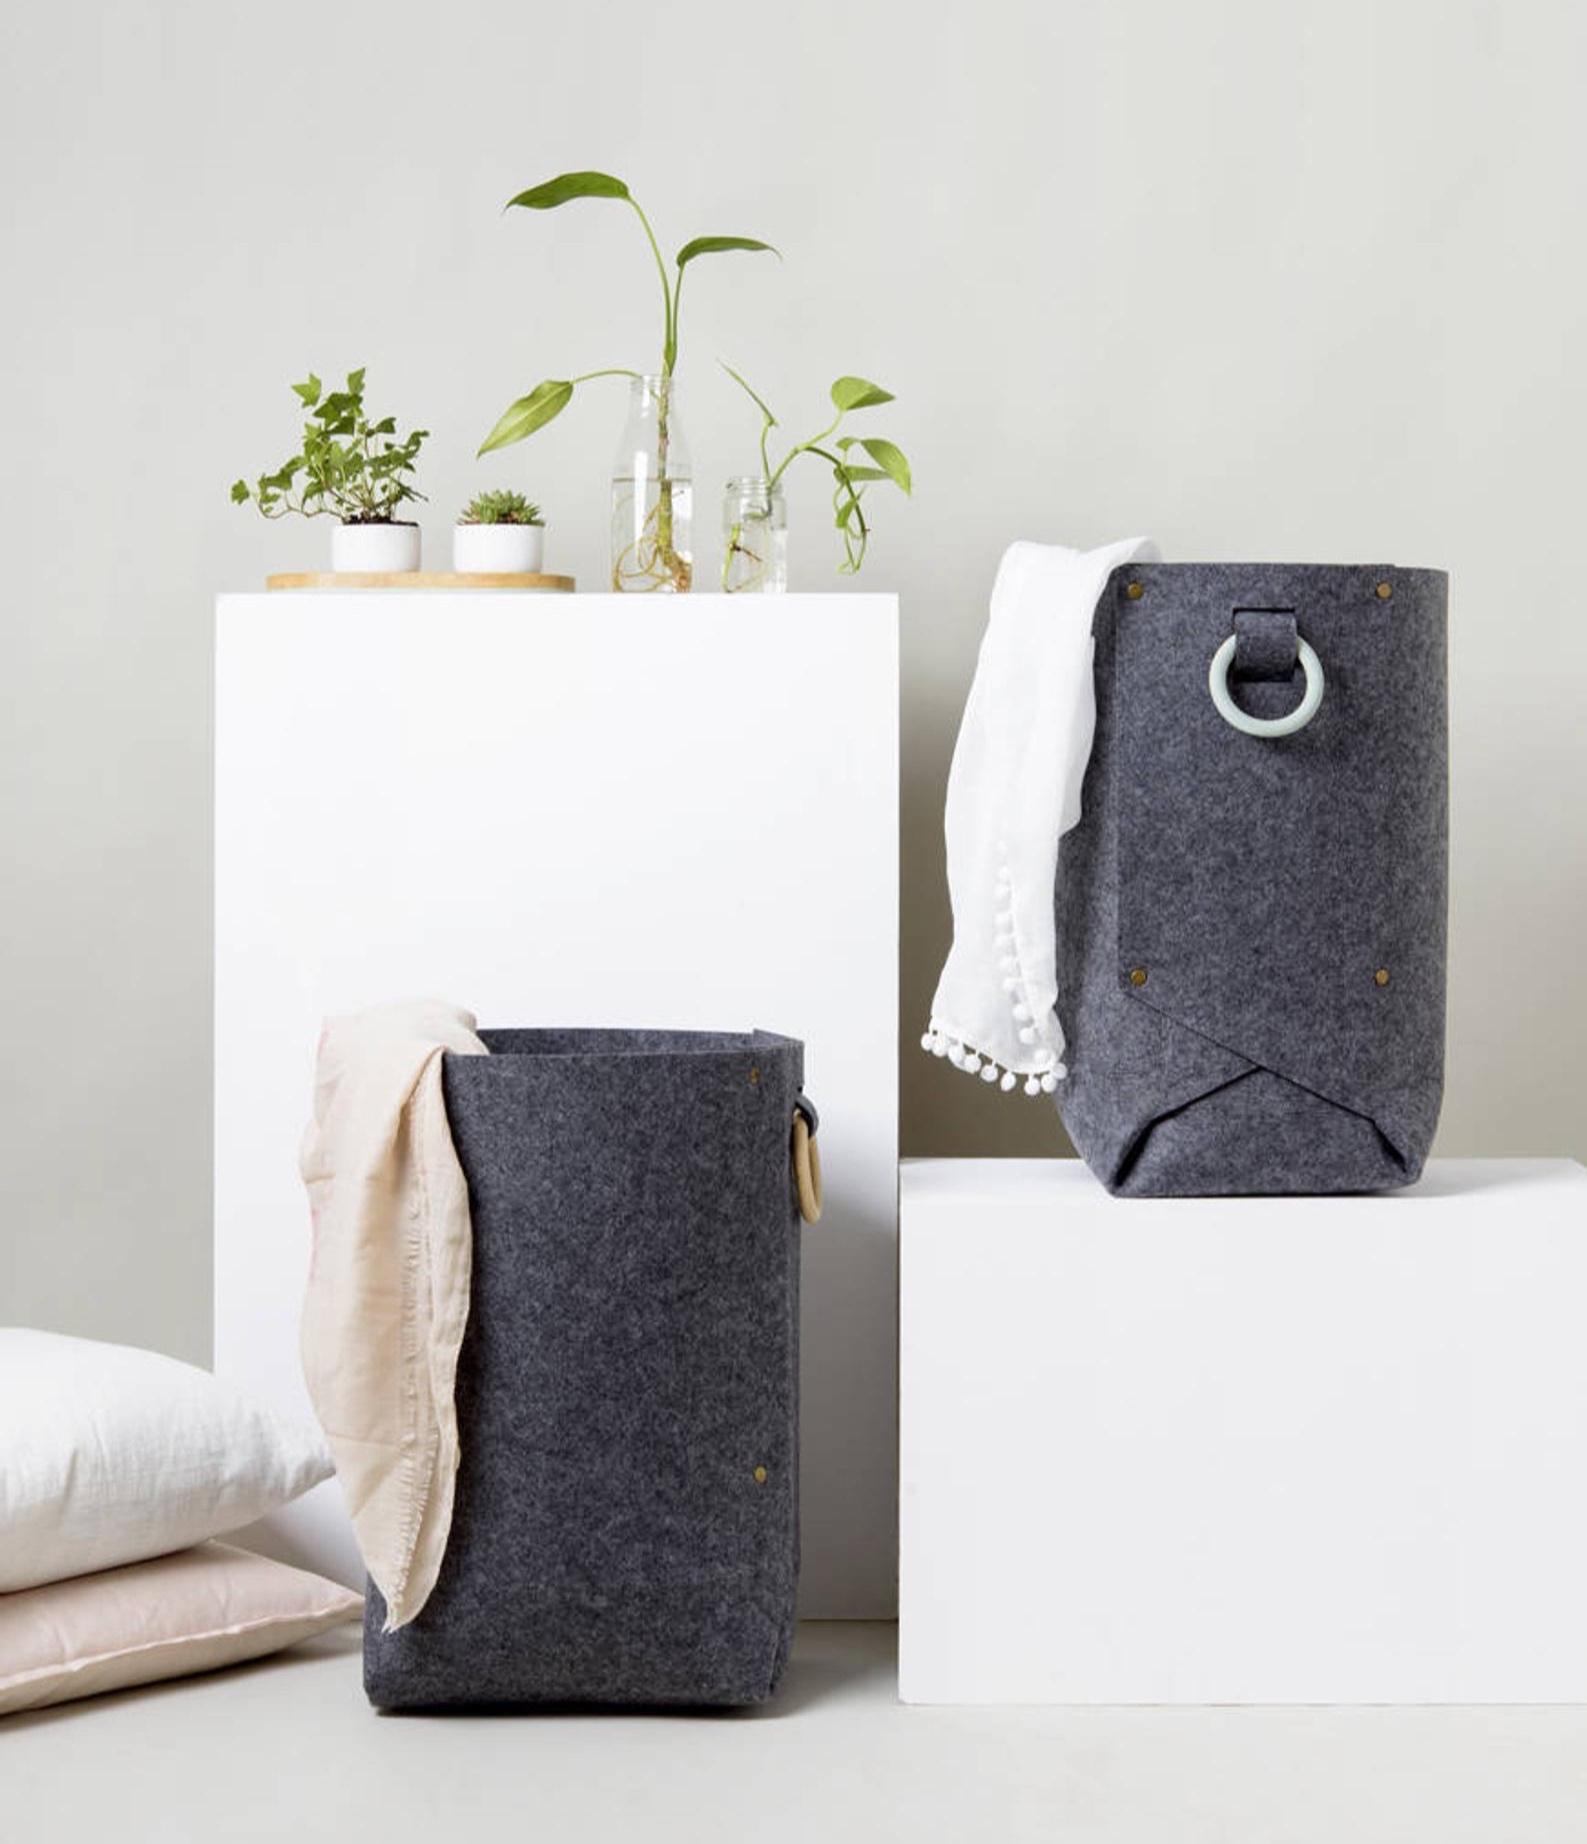 Large Storage Baskets By Loop Design Studios